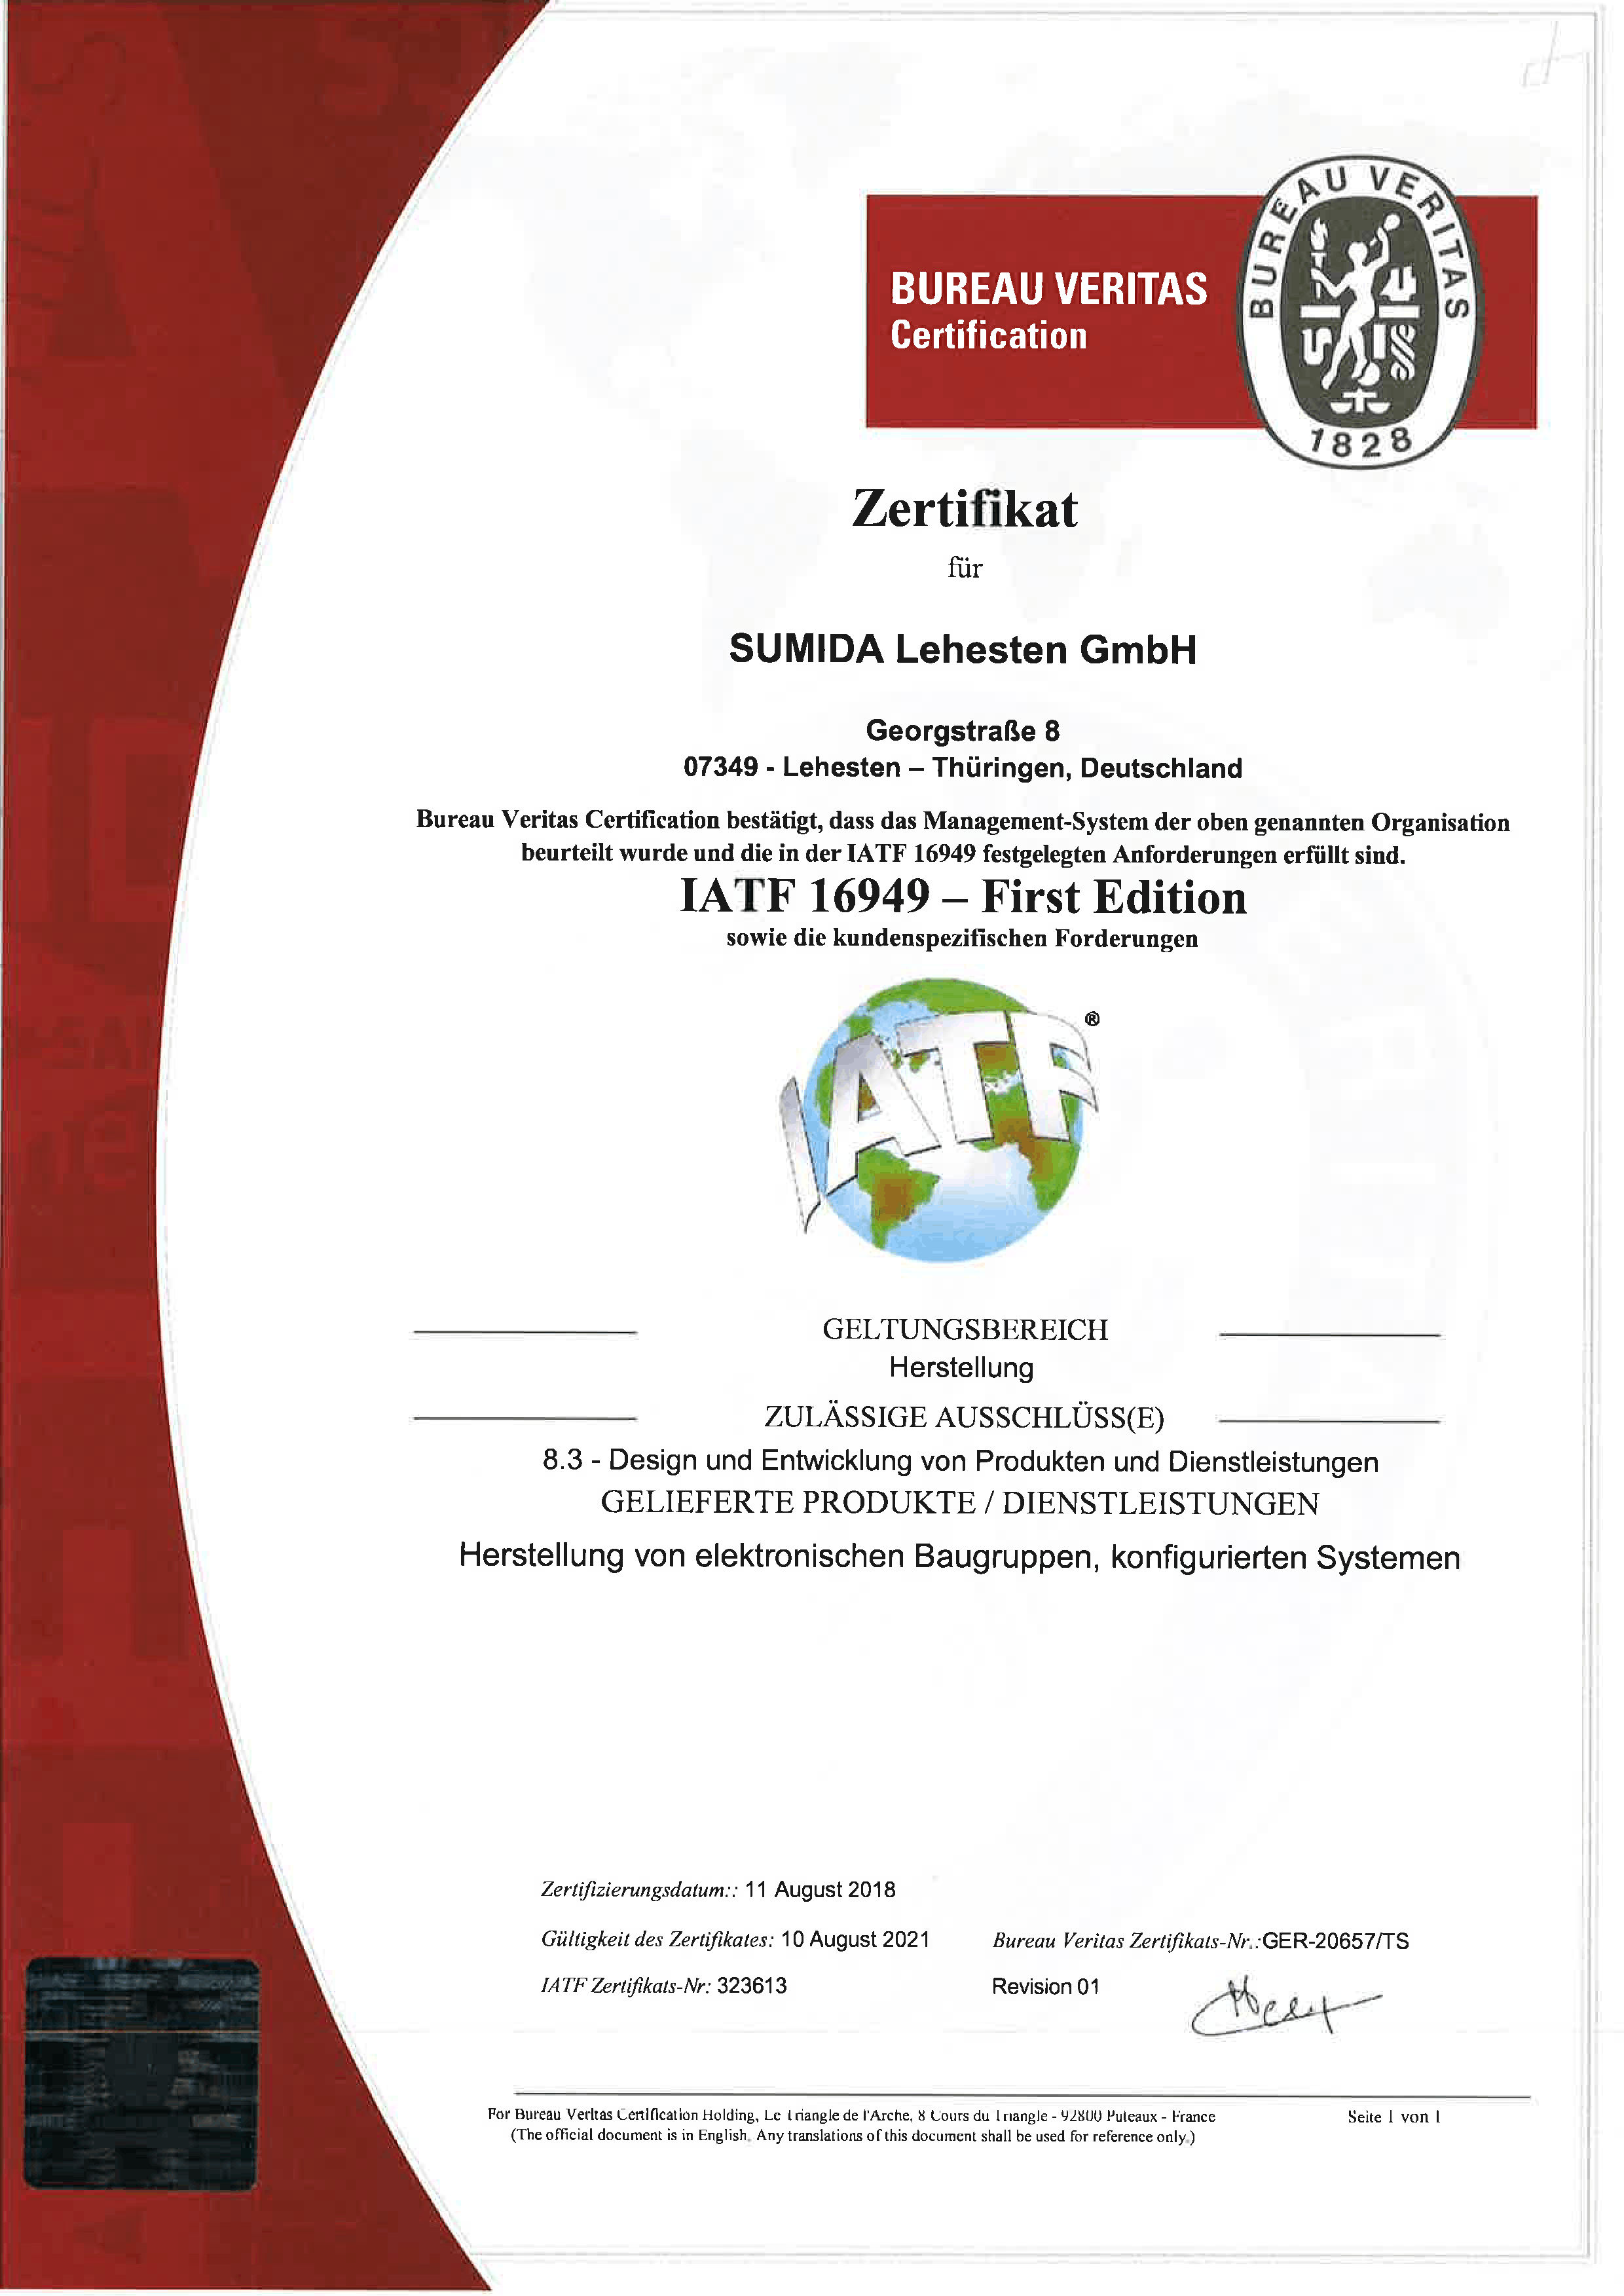 TS 16949/ IATF 16949